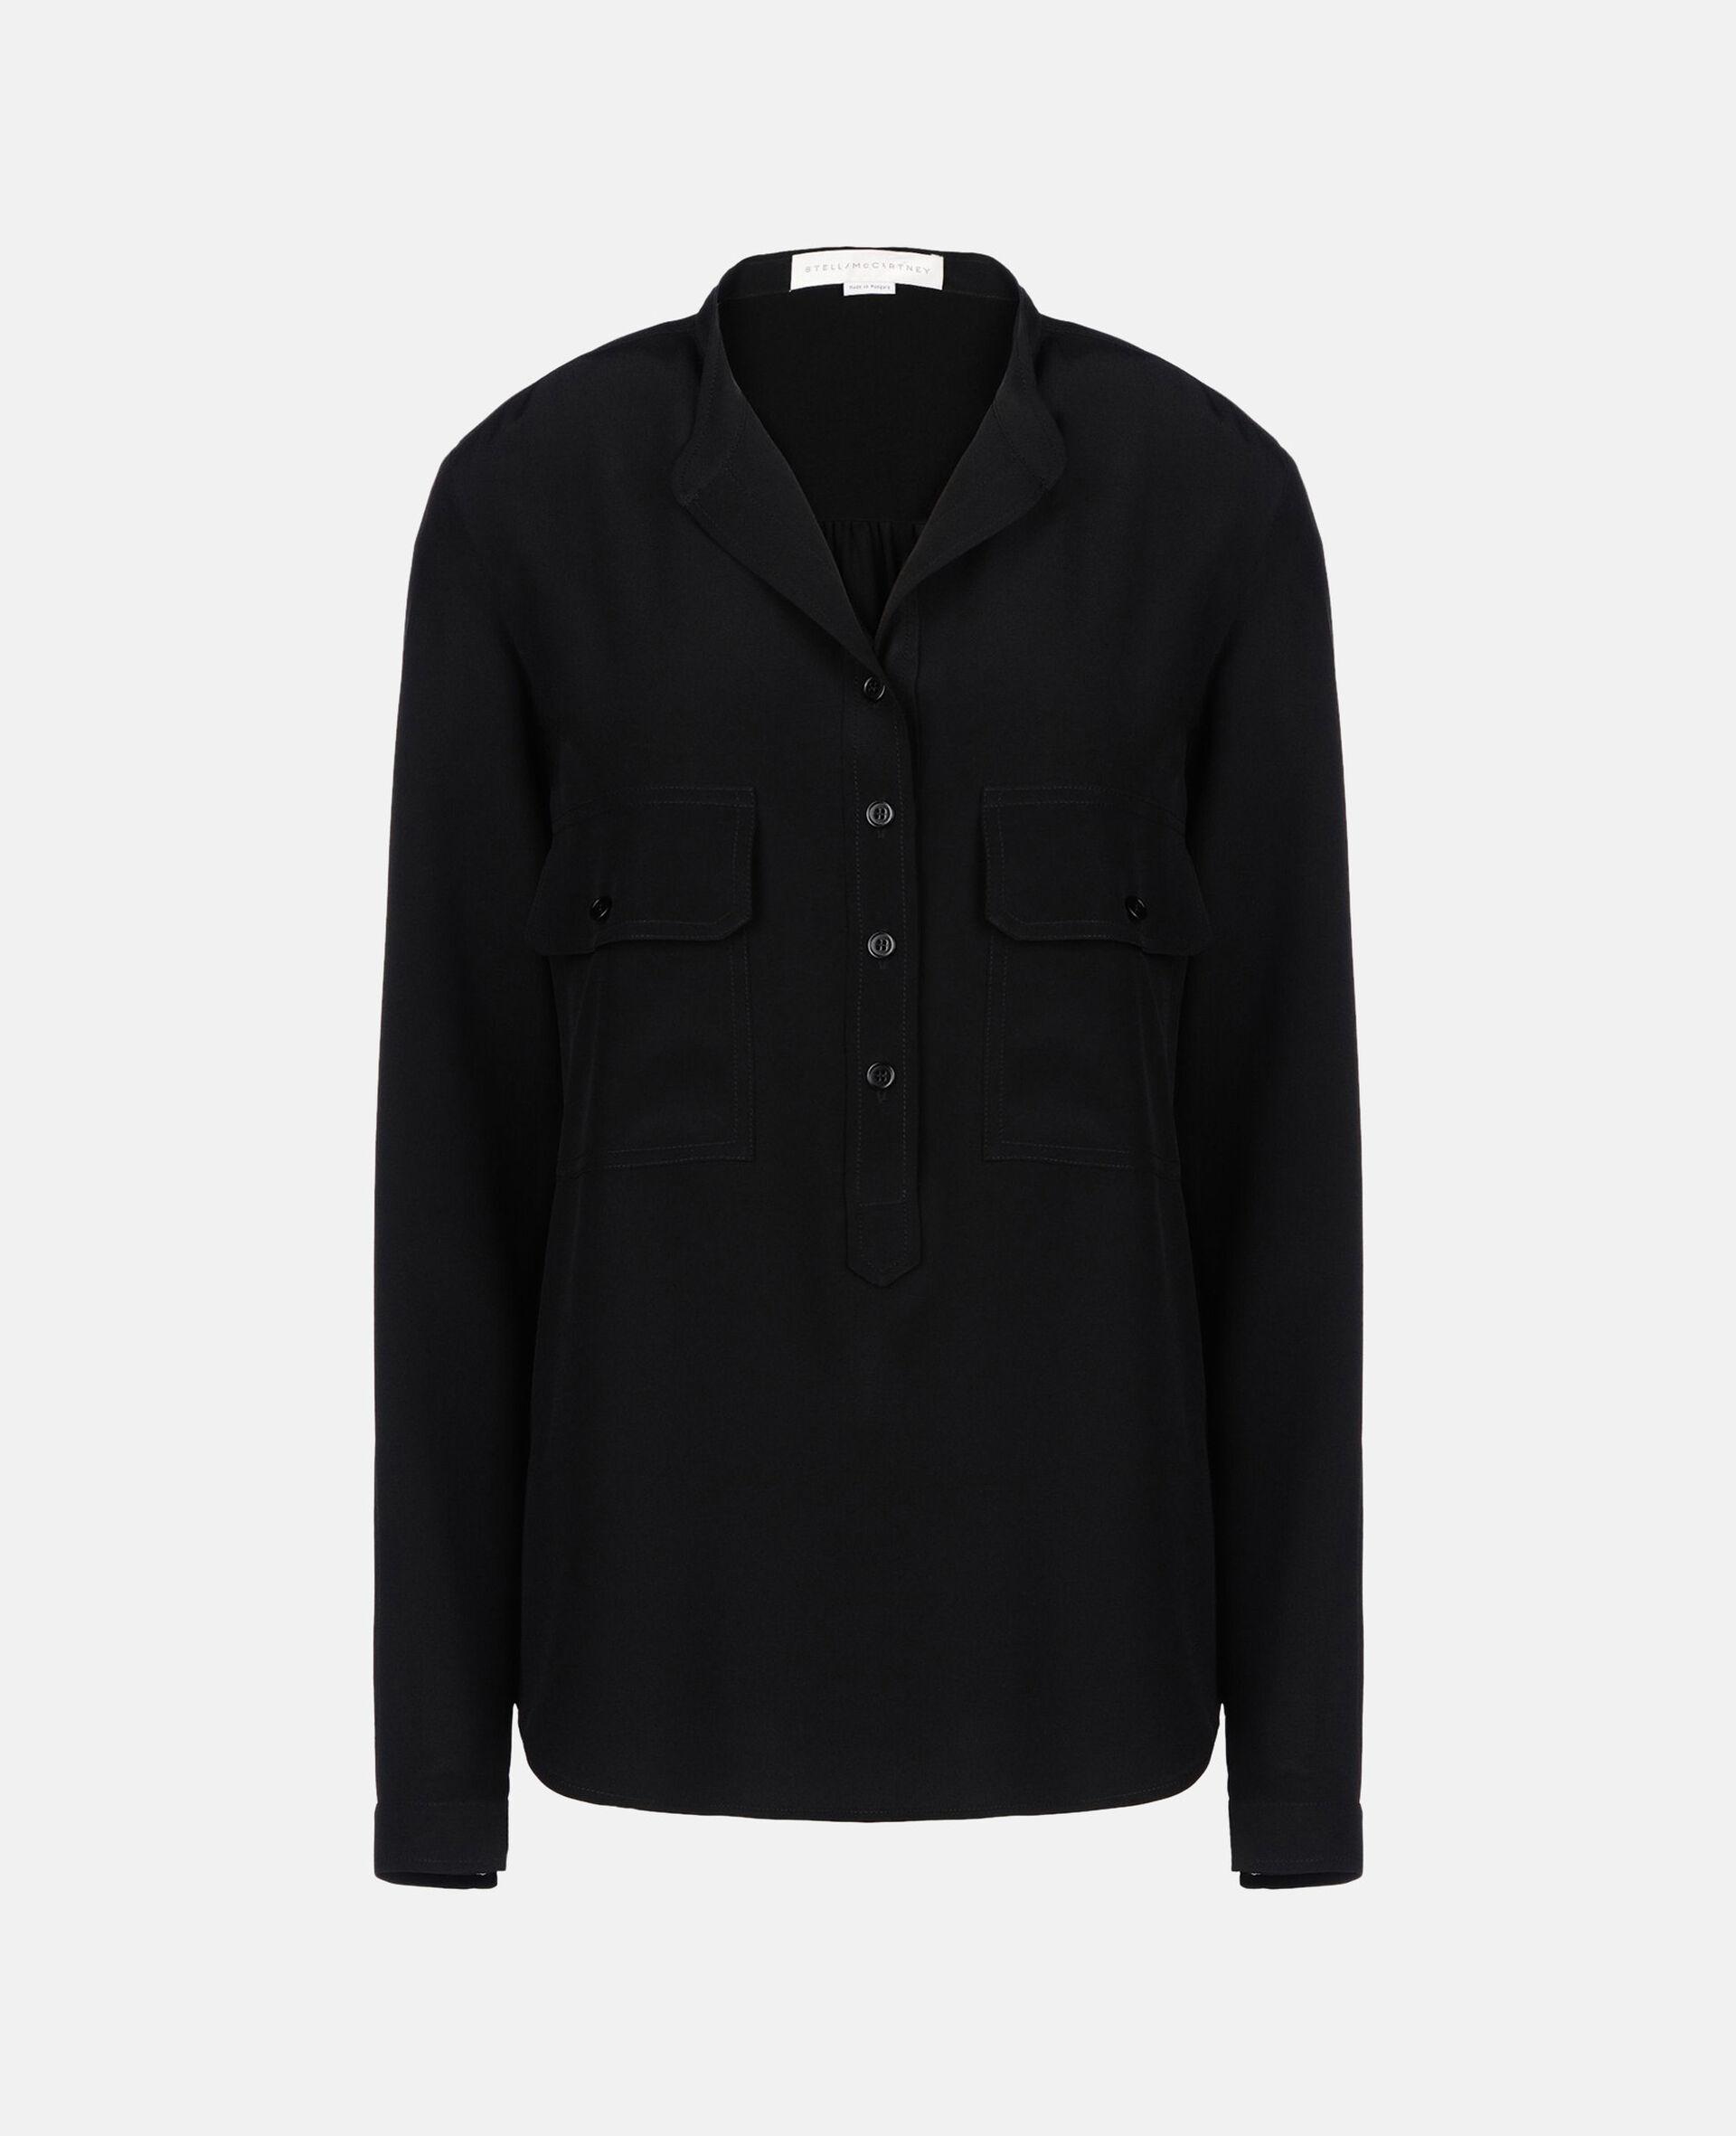 Estelle Shirt-Black-large image number 0